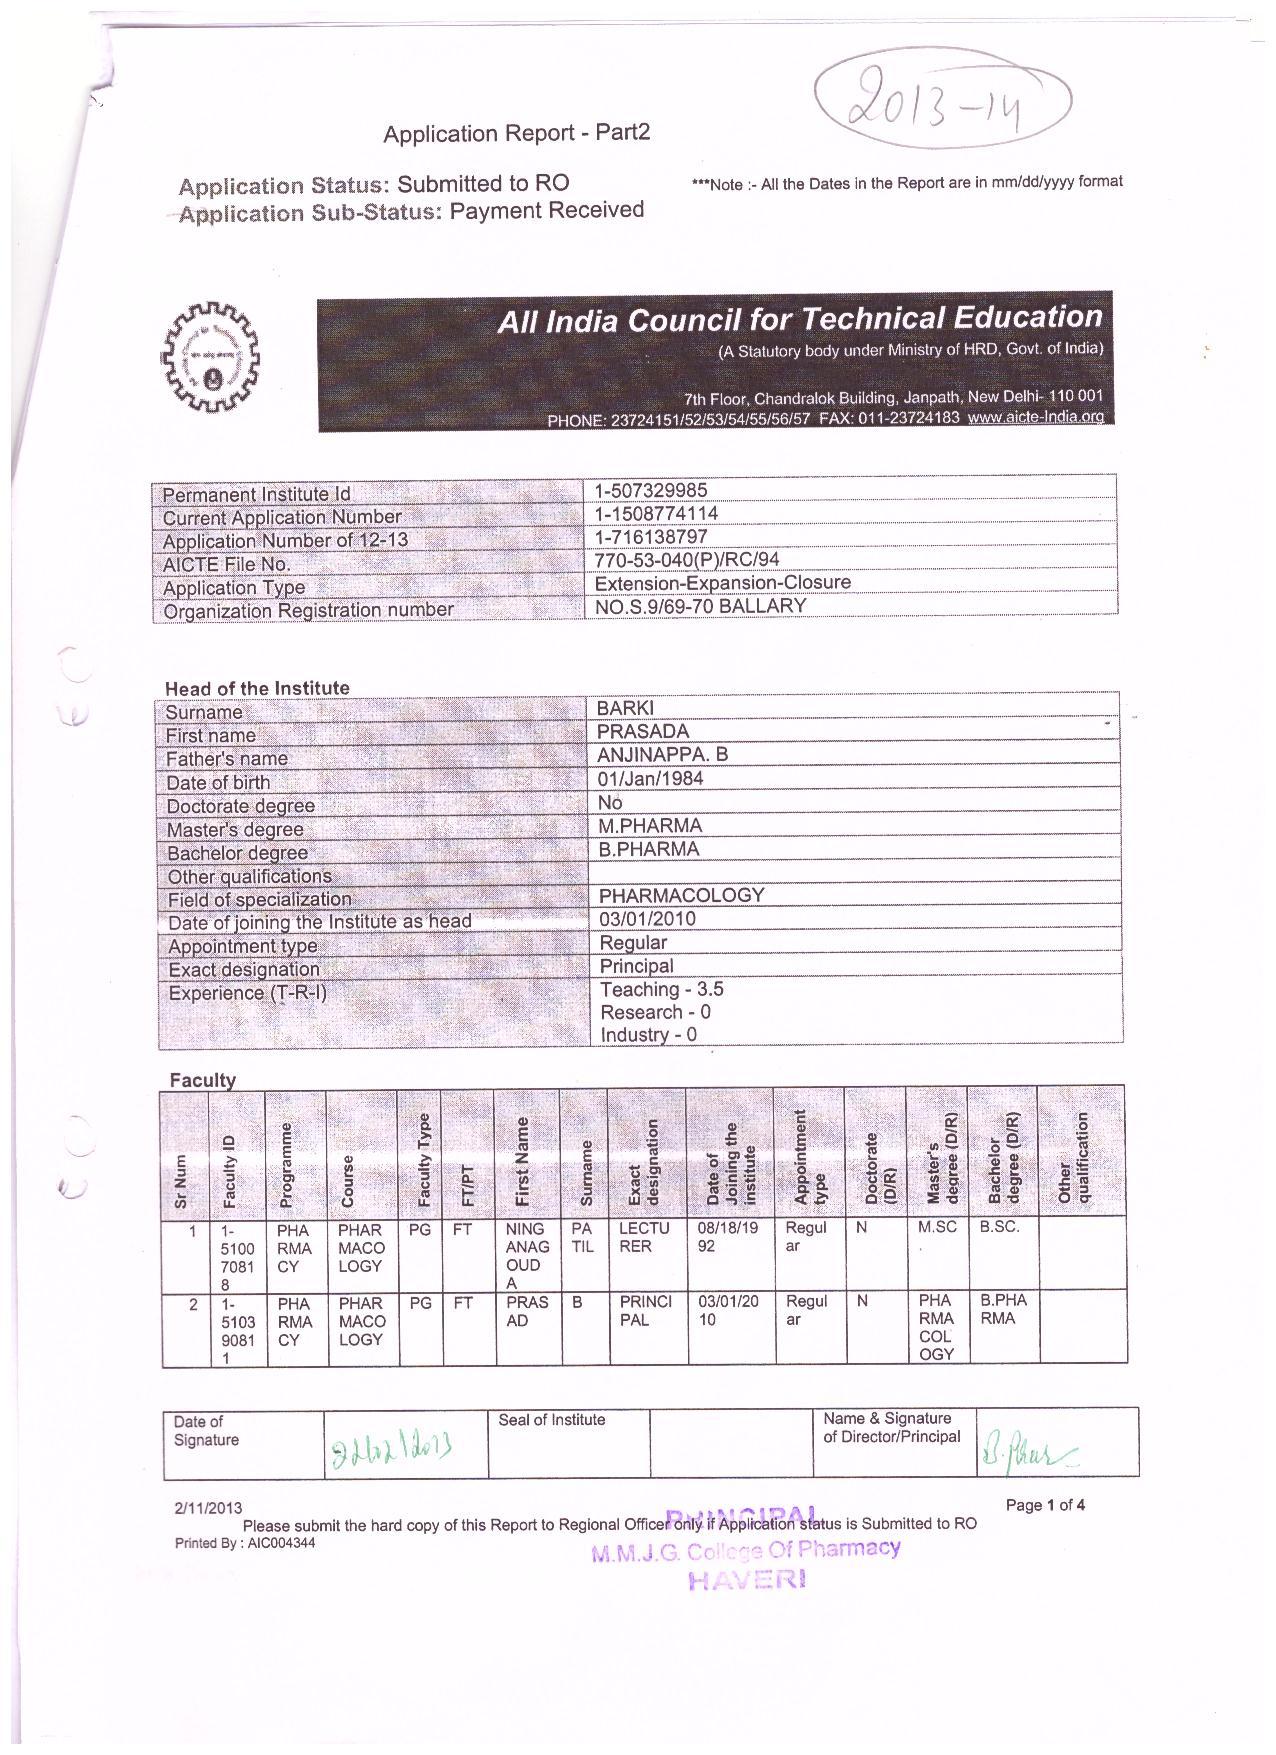 AICTE Approval Copy 2013-14 (4)